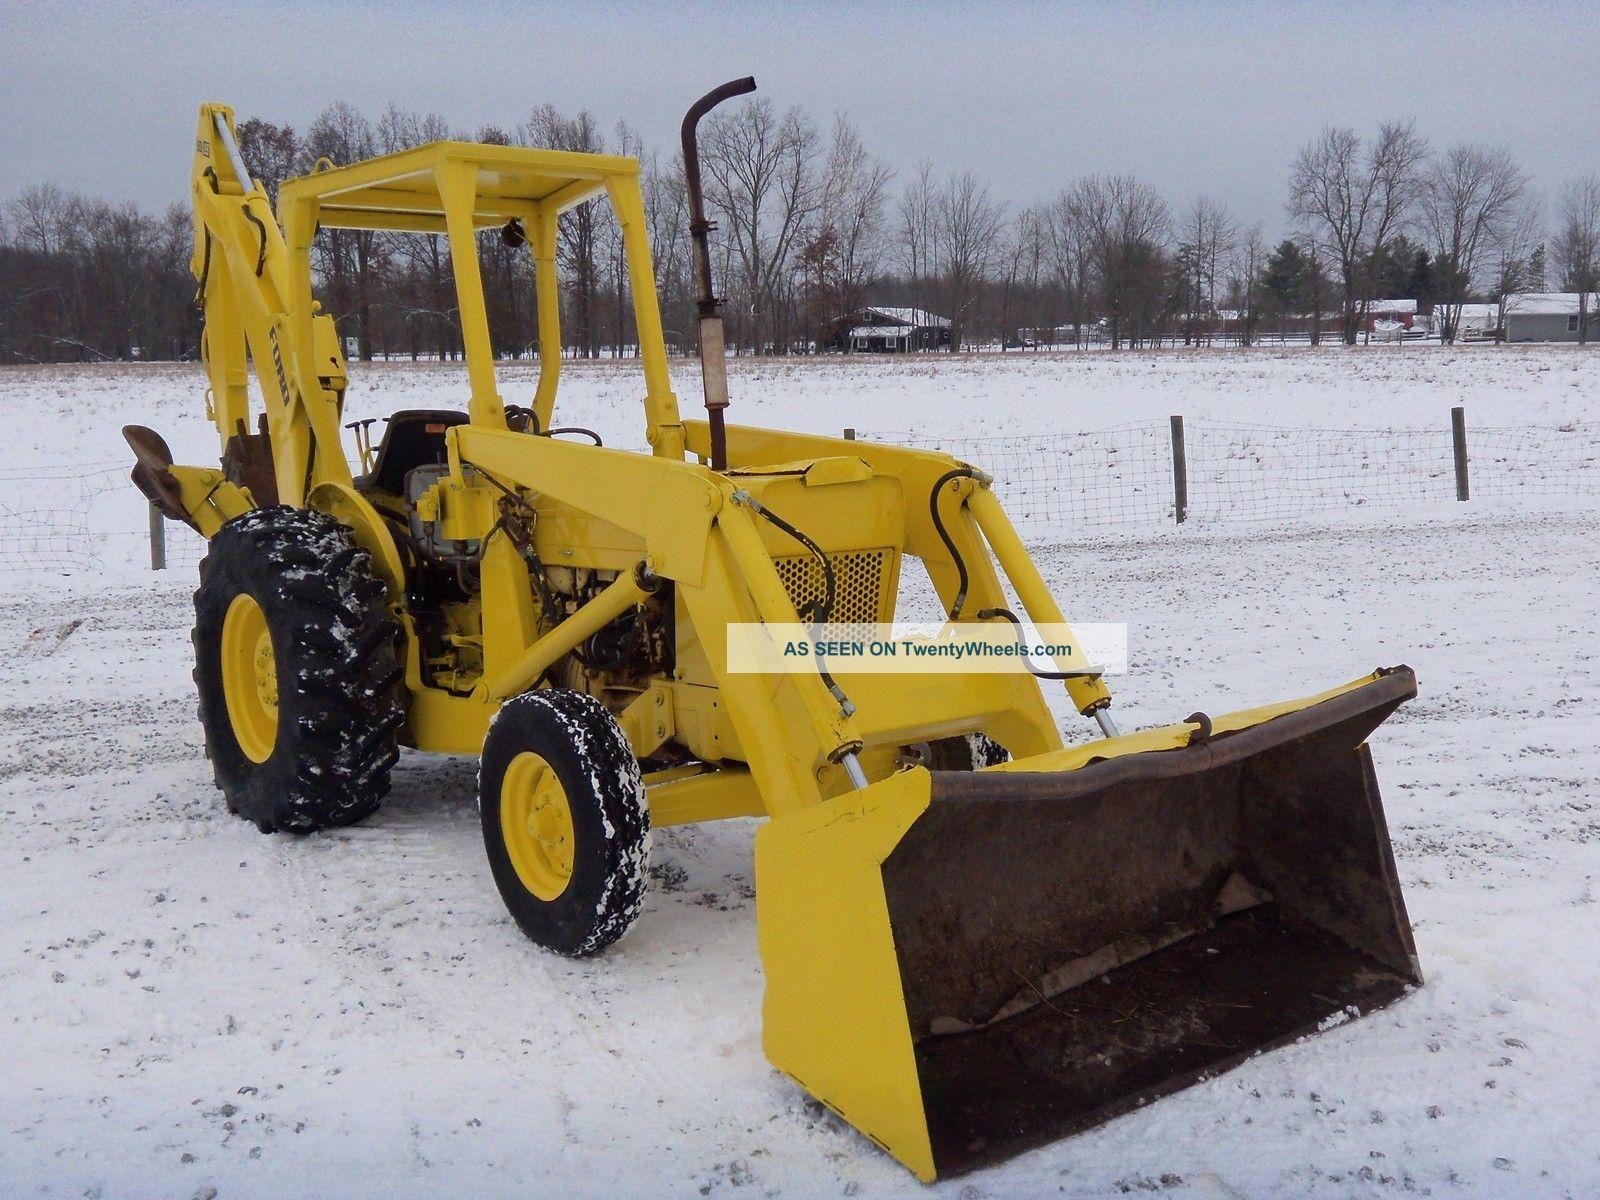 Ford 4500 Industrial Tractor Backhoe : Ford backhoe loader diesel hours